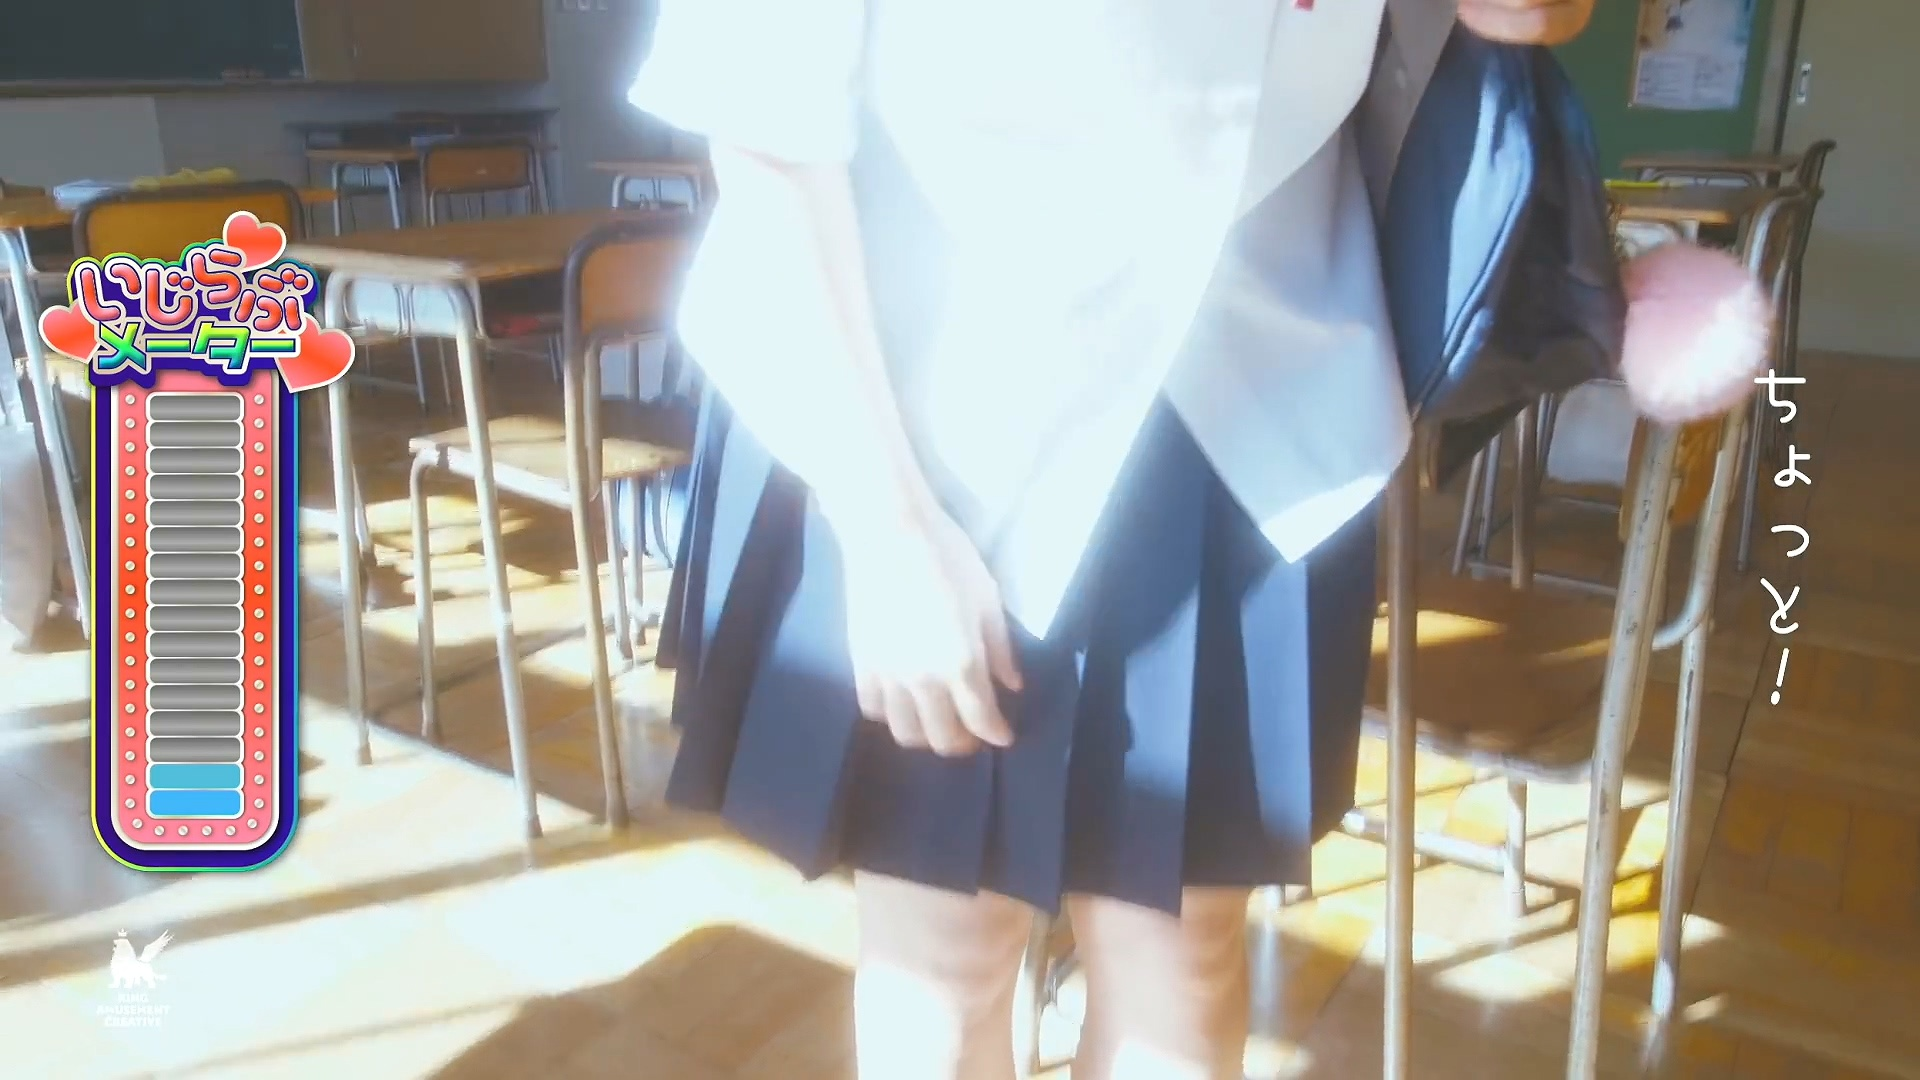 上坂すみれ「EASY LOVE」Music Video.mp4_000031.836